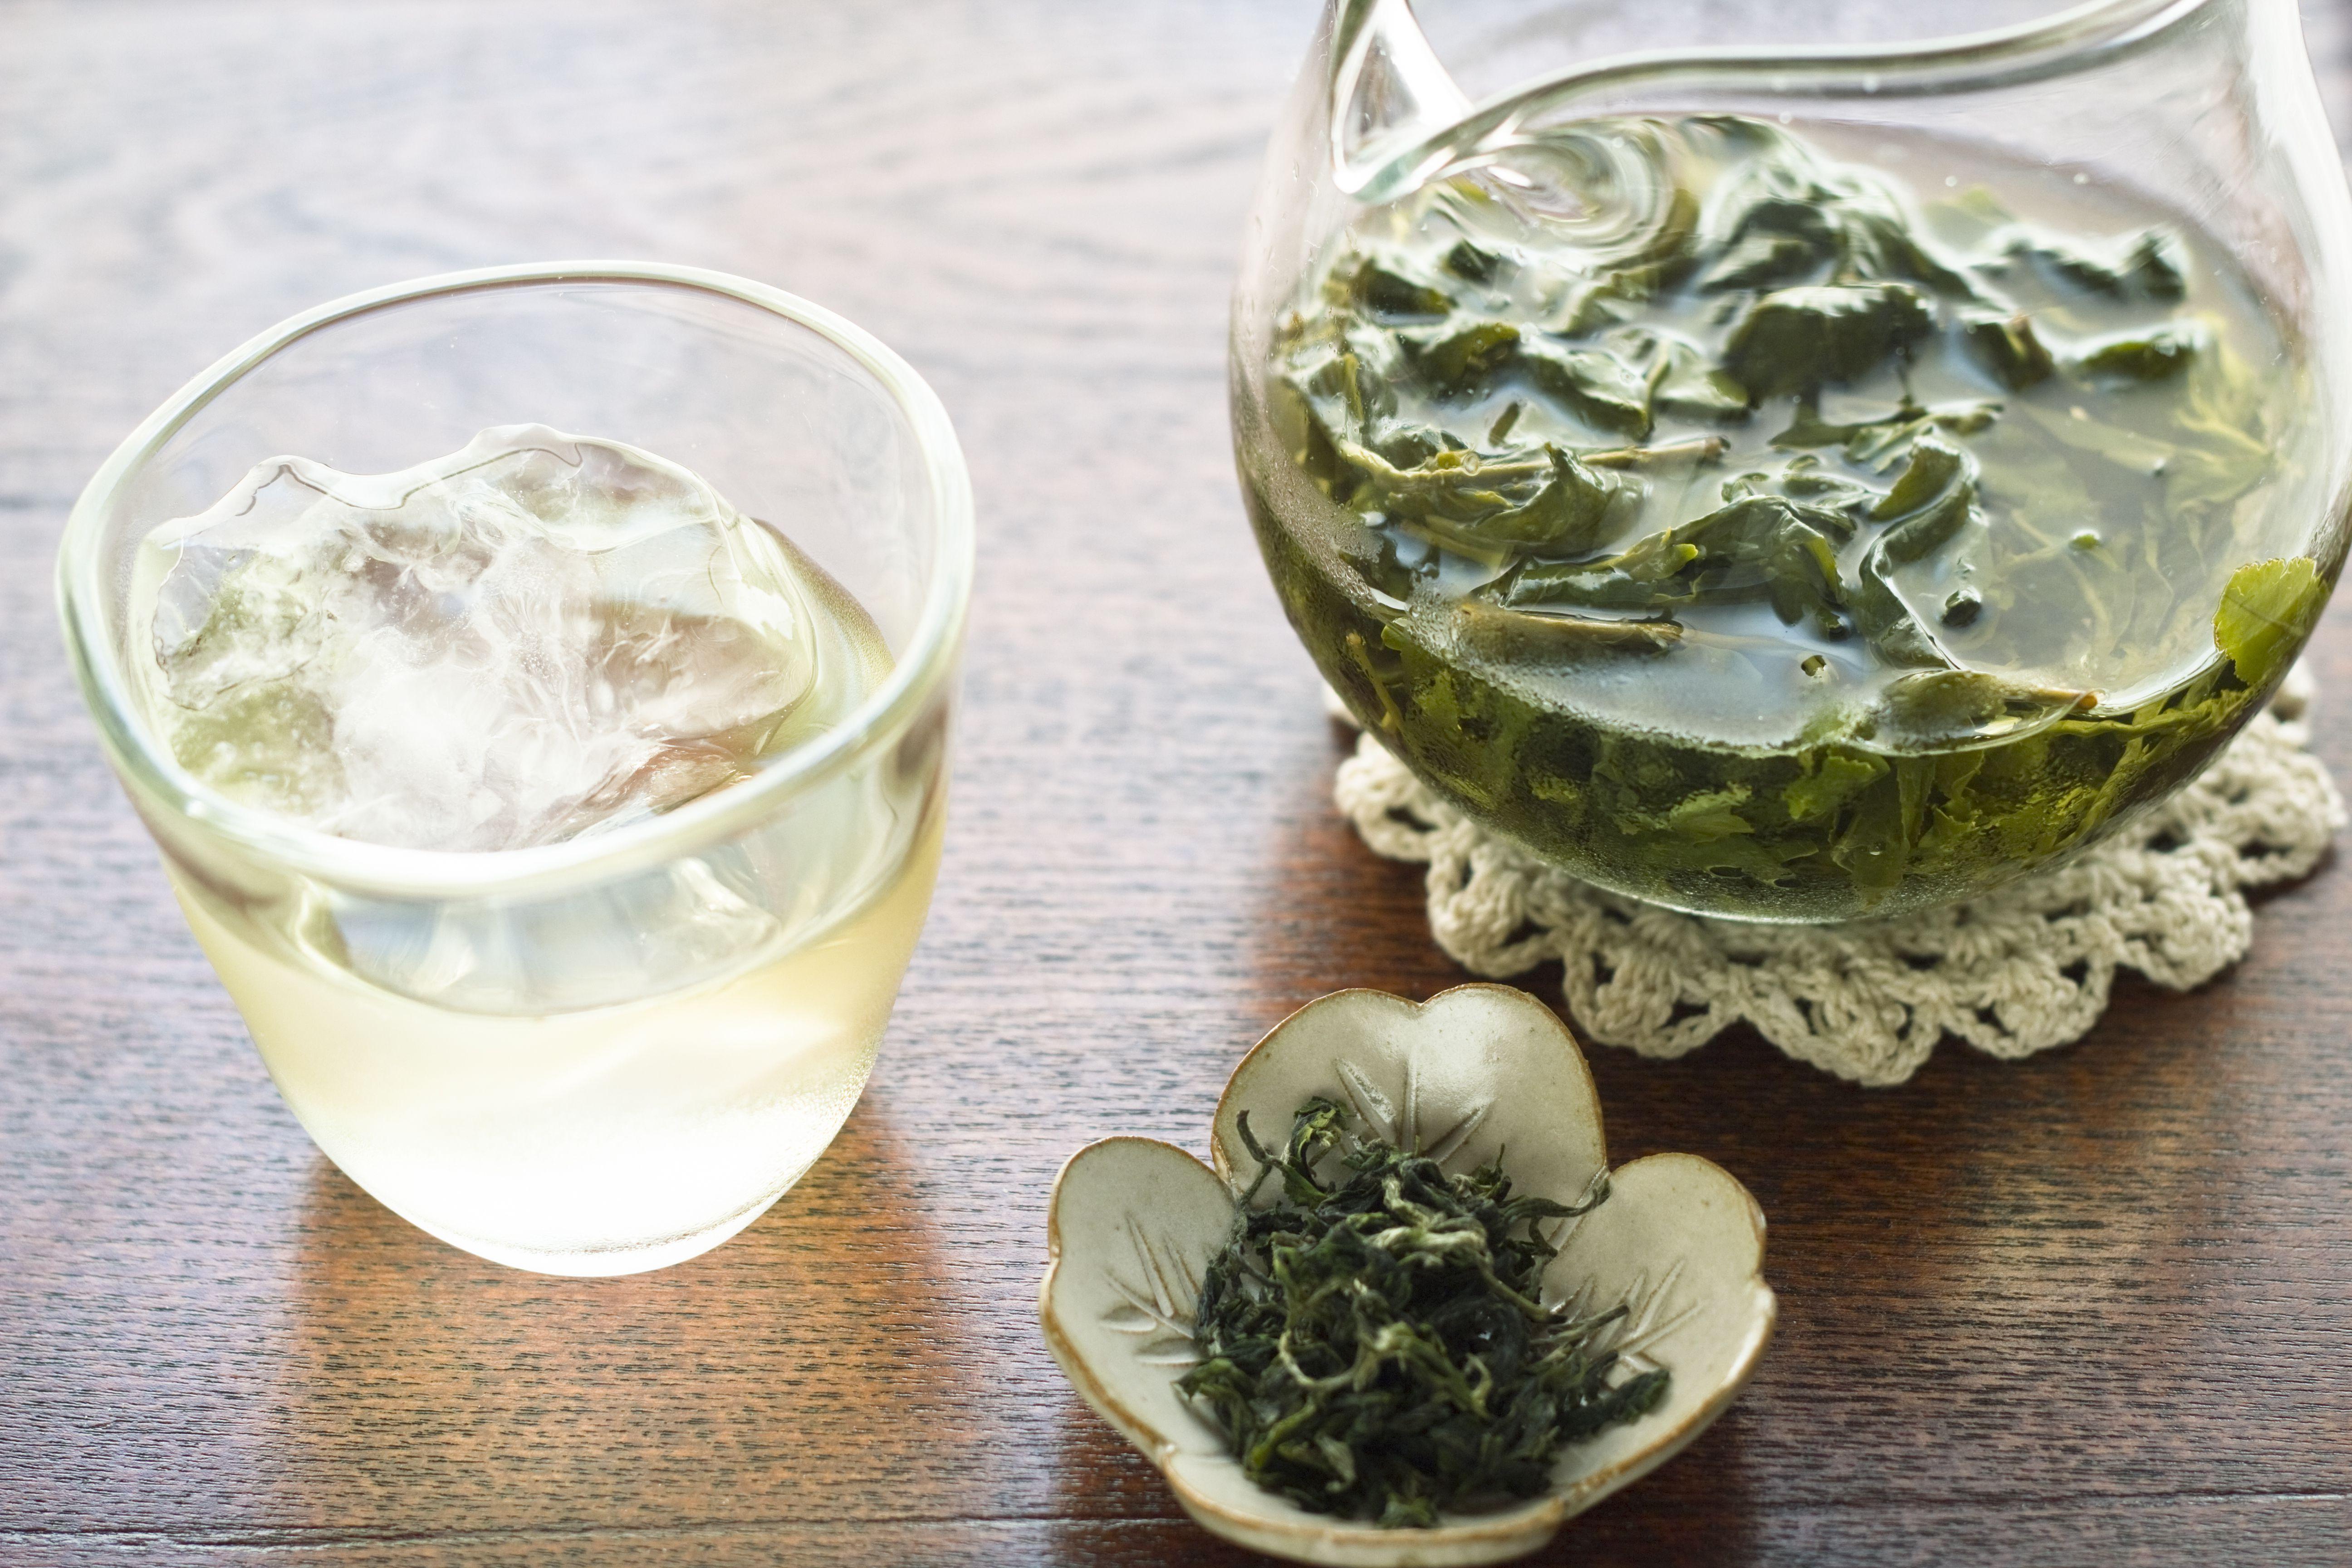 Green Tea Infused Vodka